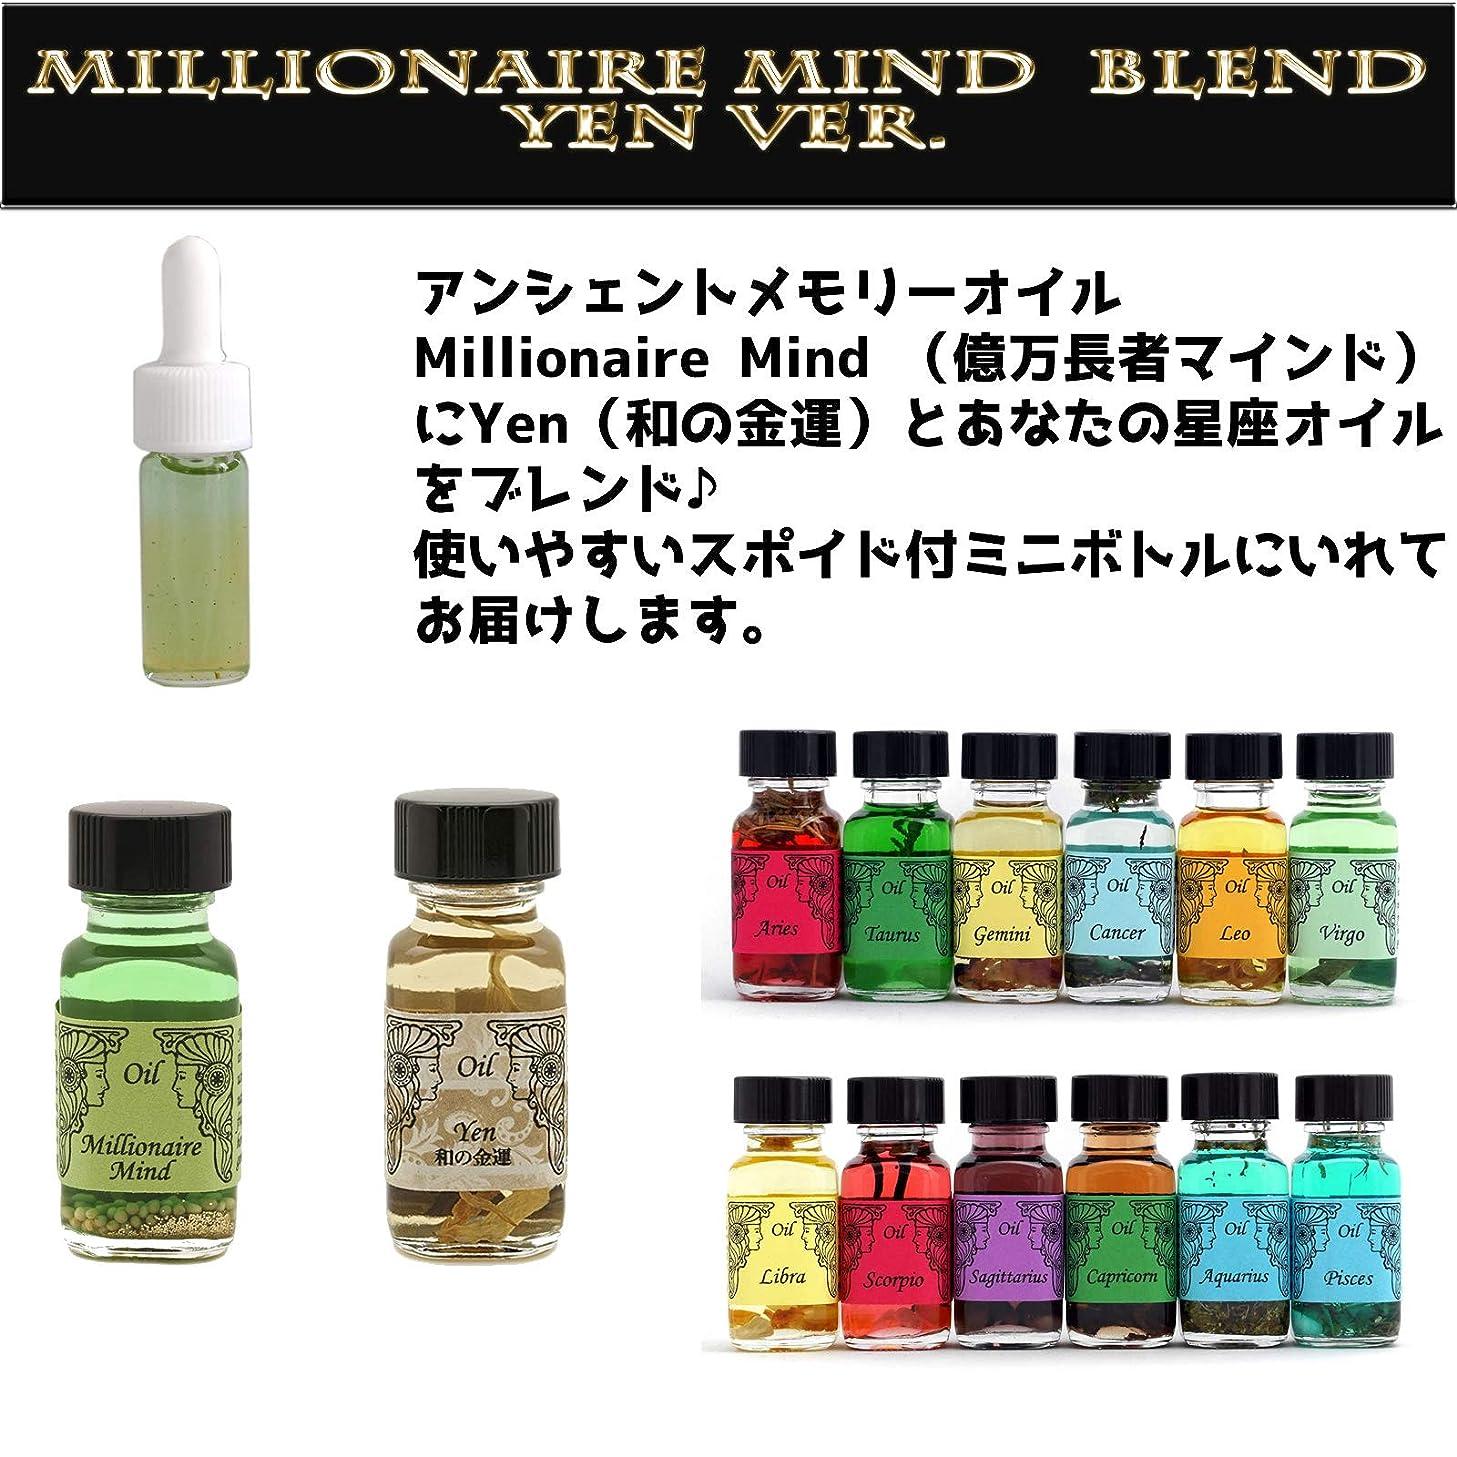 洞察力陰気短くするアンシェントメモリーオイル Millionaire Mind 億万長者マインド ブレンド【Yen 和の金運&ふたご座】